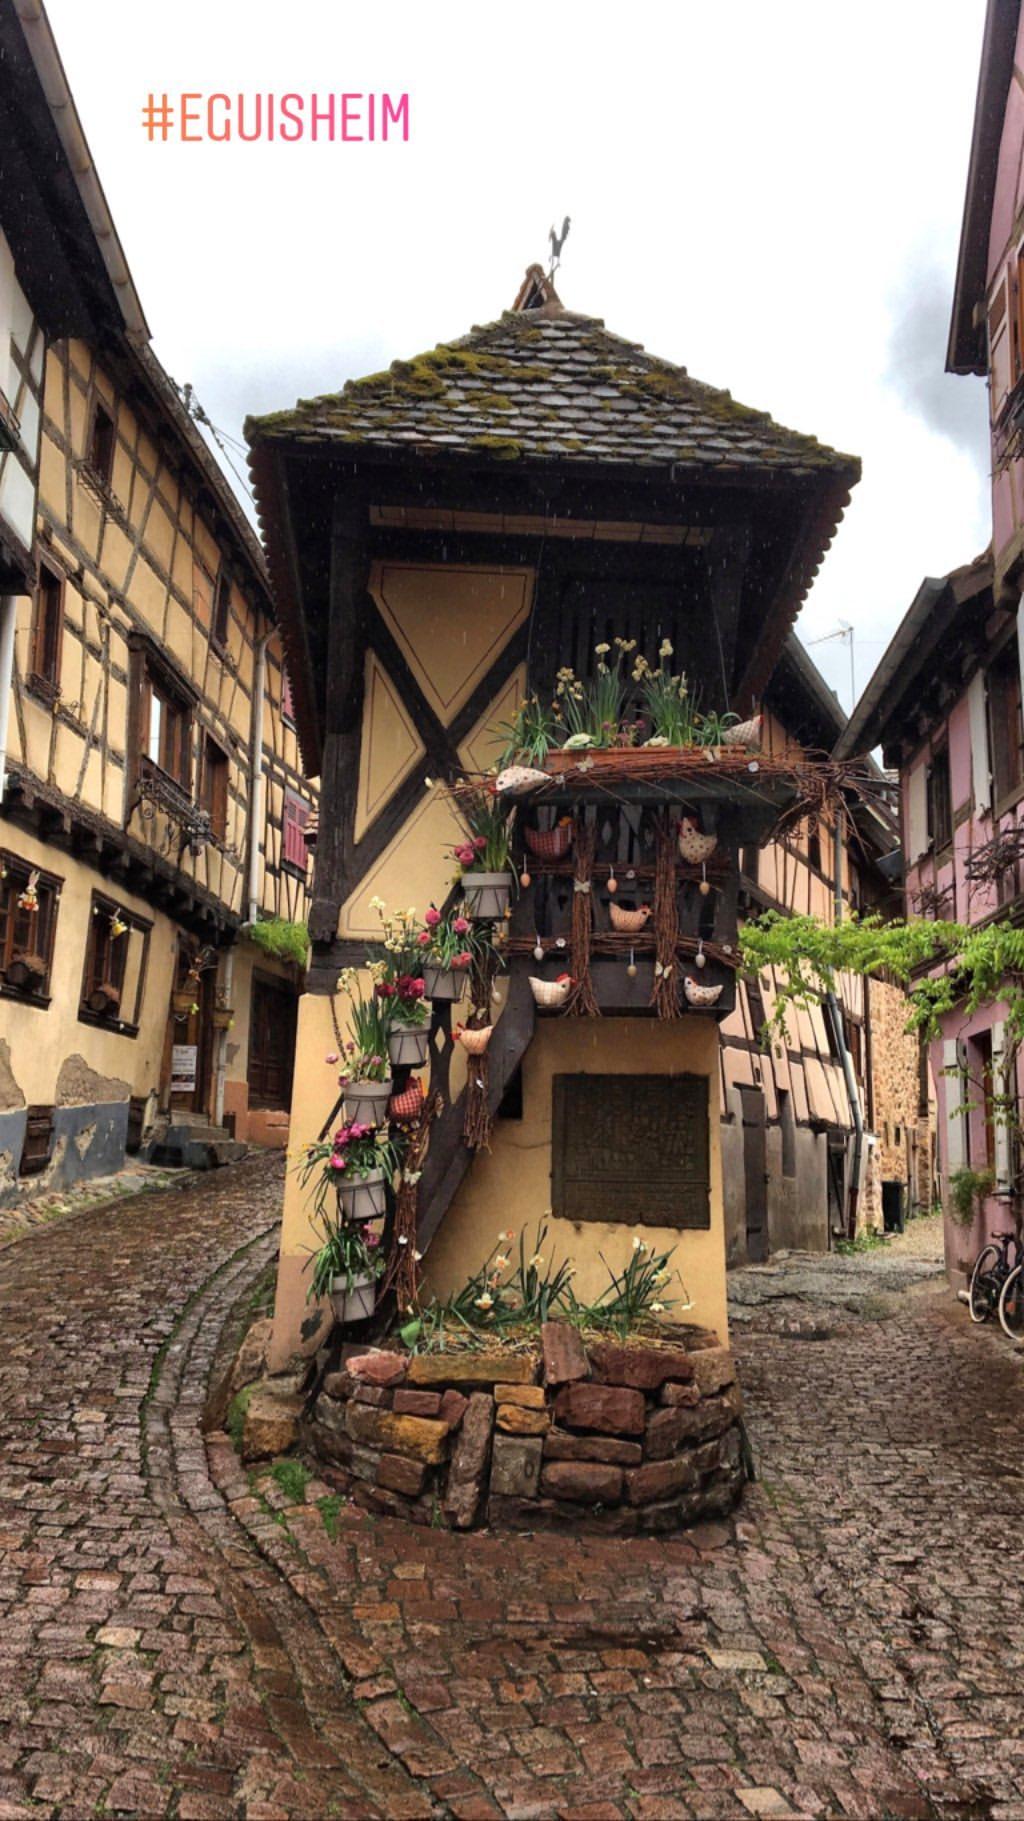 qué hacer en Francia - Eguisheim